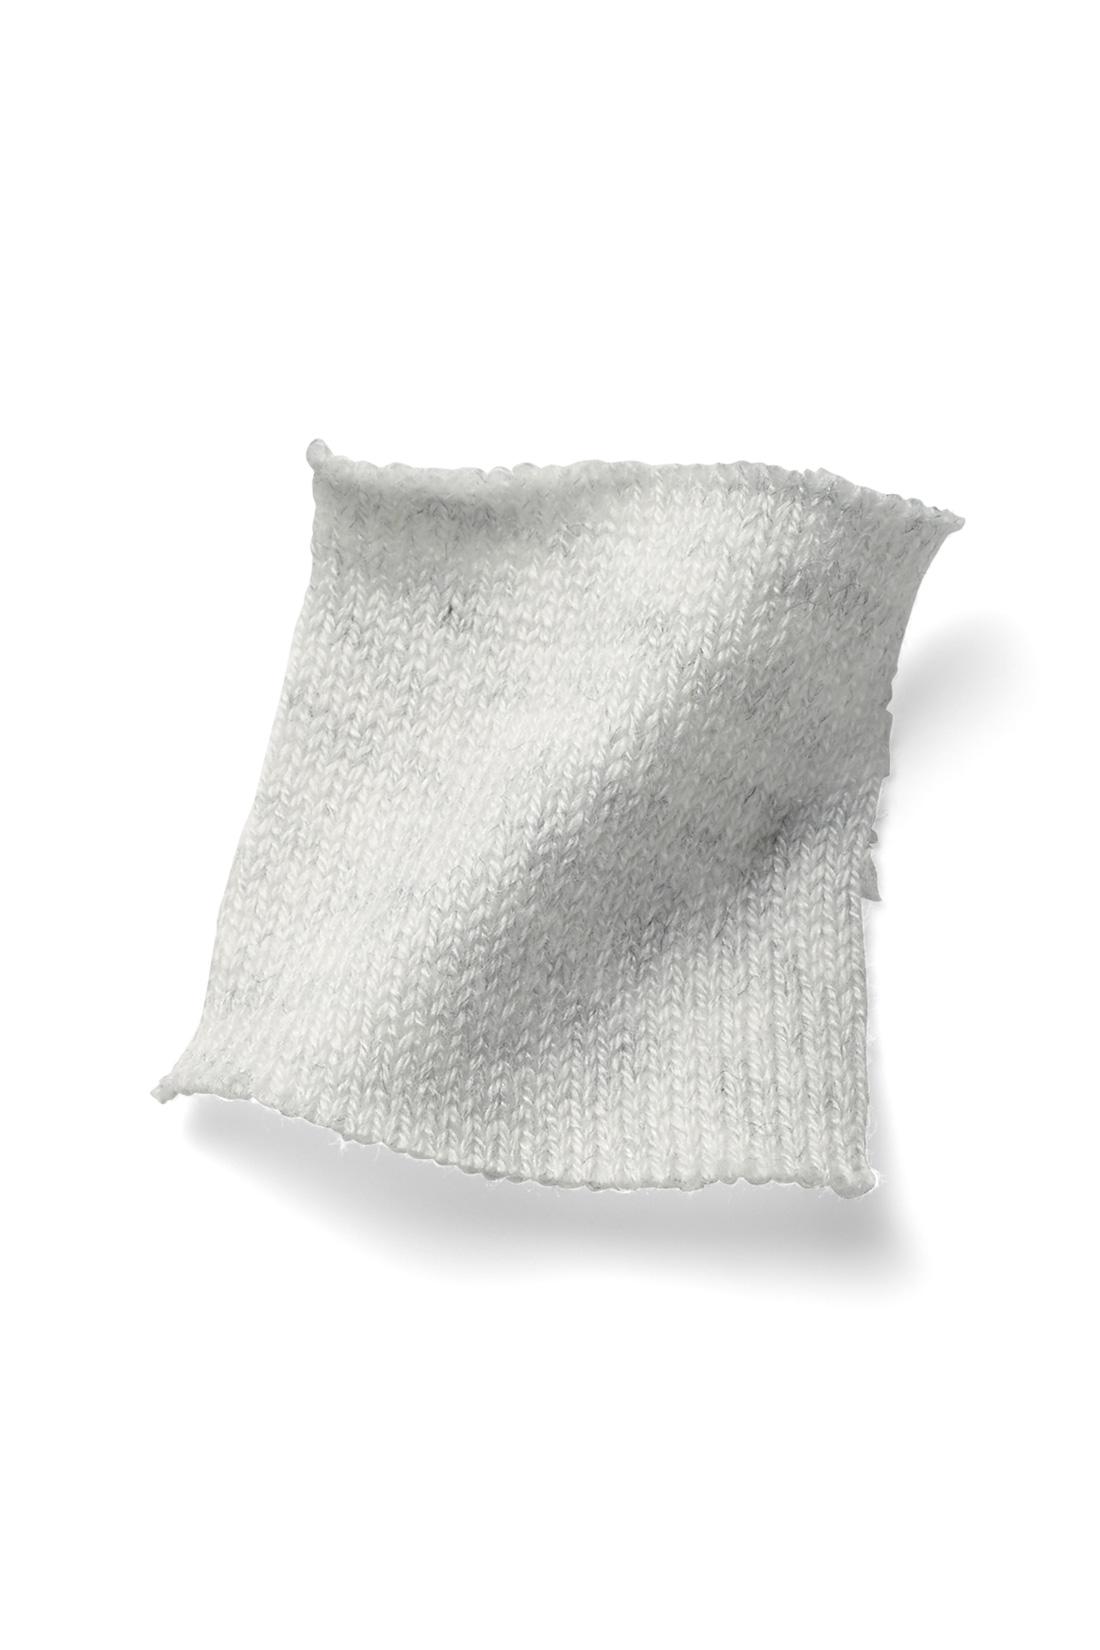 もっちり&美しい、プレーティング編み 細い二本の糸を同時に引き入れながら編む「プレーティング」という編み地で、繊細な表面感がありつつ、もっちりとしたふくらみのある生地に仕上げました。 ※お届けするカラーとは異なります。